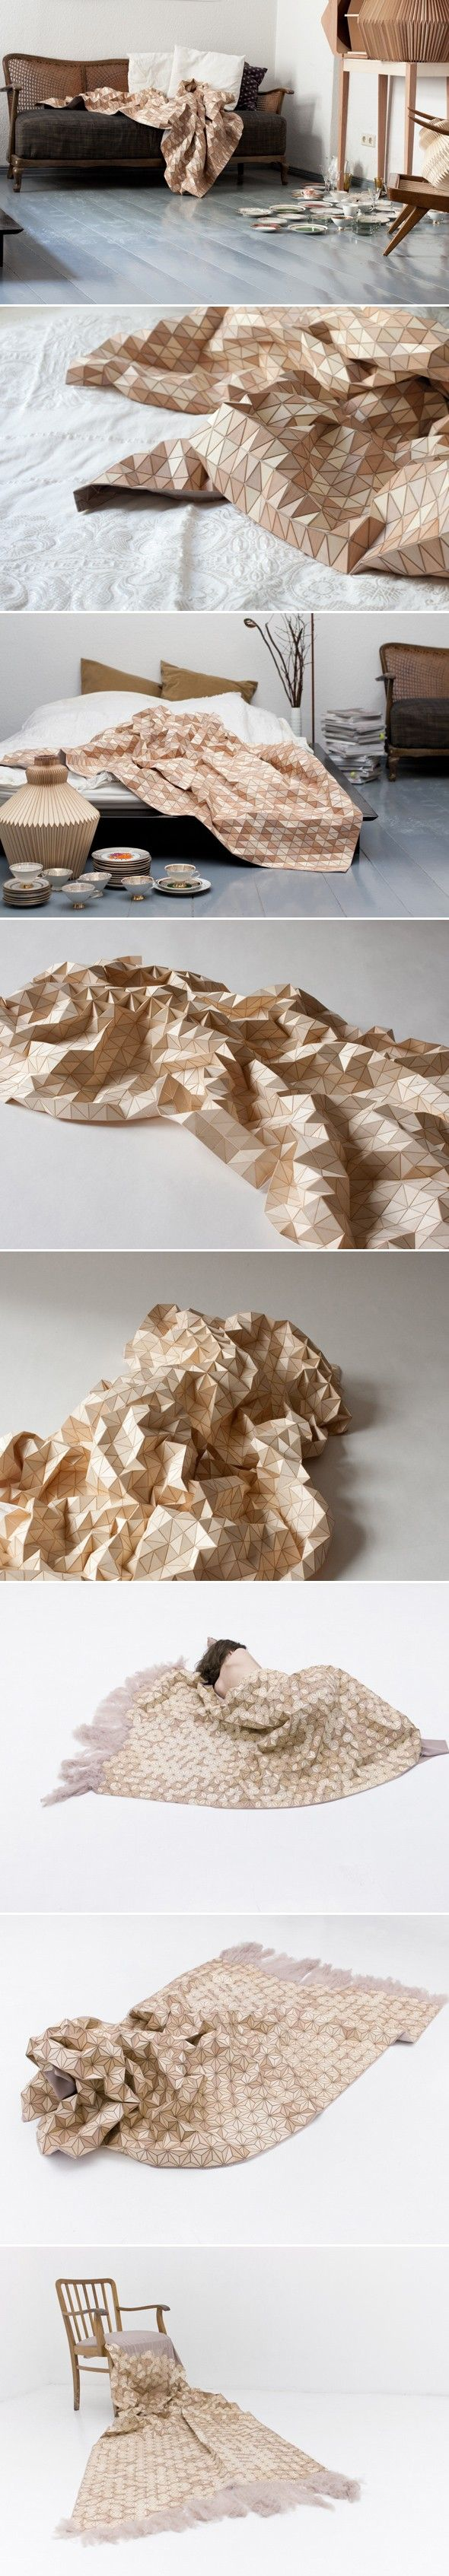 Nouvelle matière textile de la designer Elisa Strozyk En ce moment nous voyons des facettes triangulaires de partout, les designers et créatifs affectionne